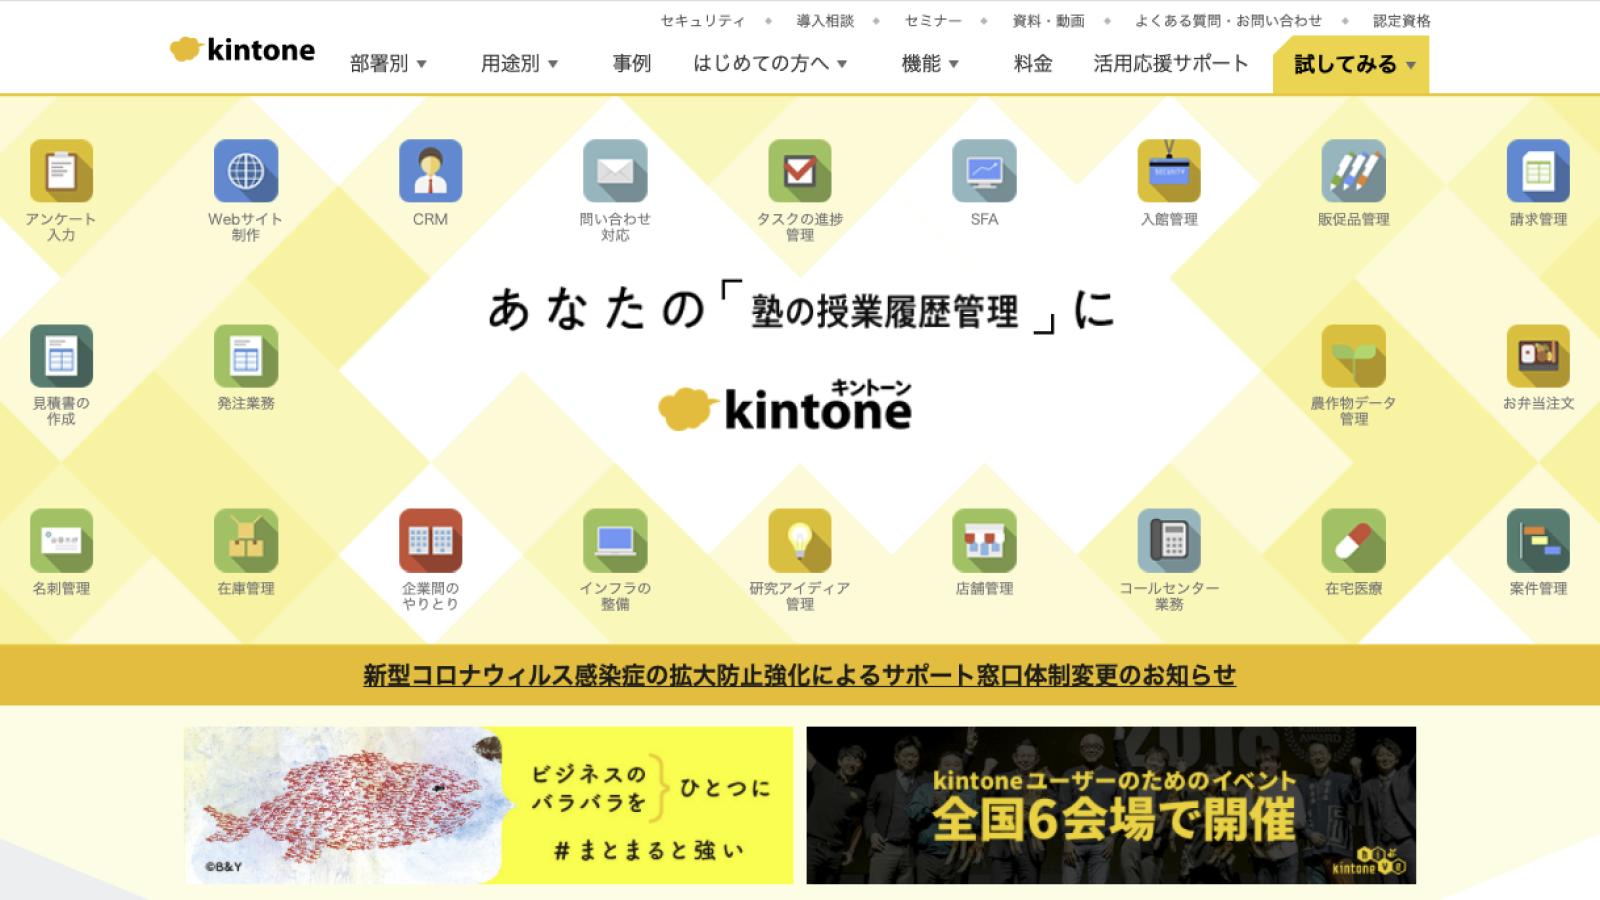 kintoneのスクリーンショット